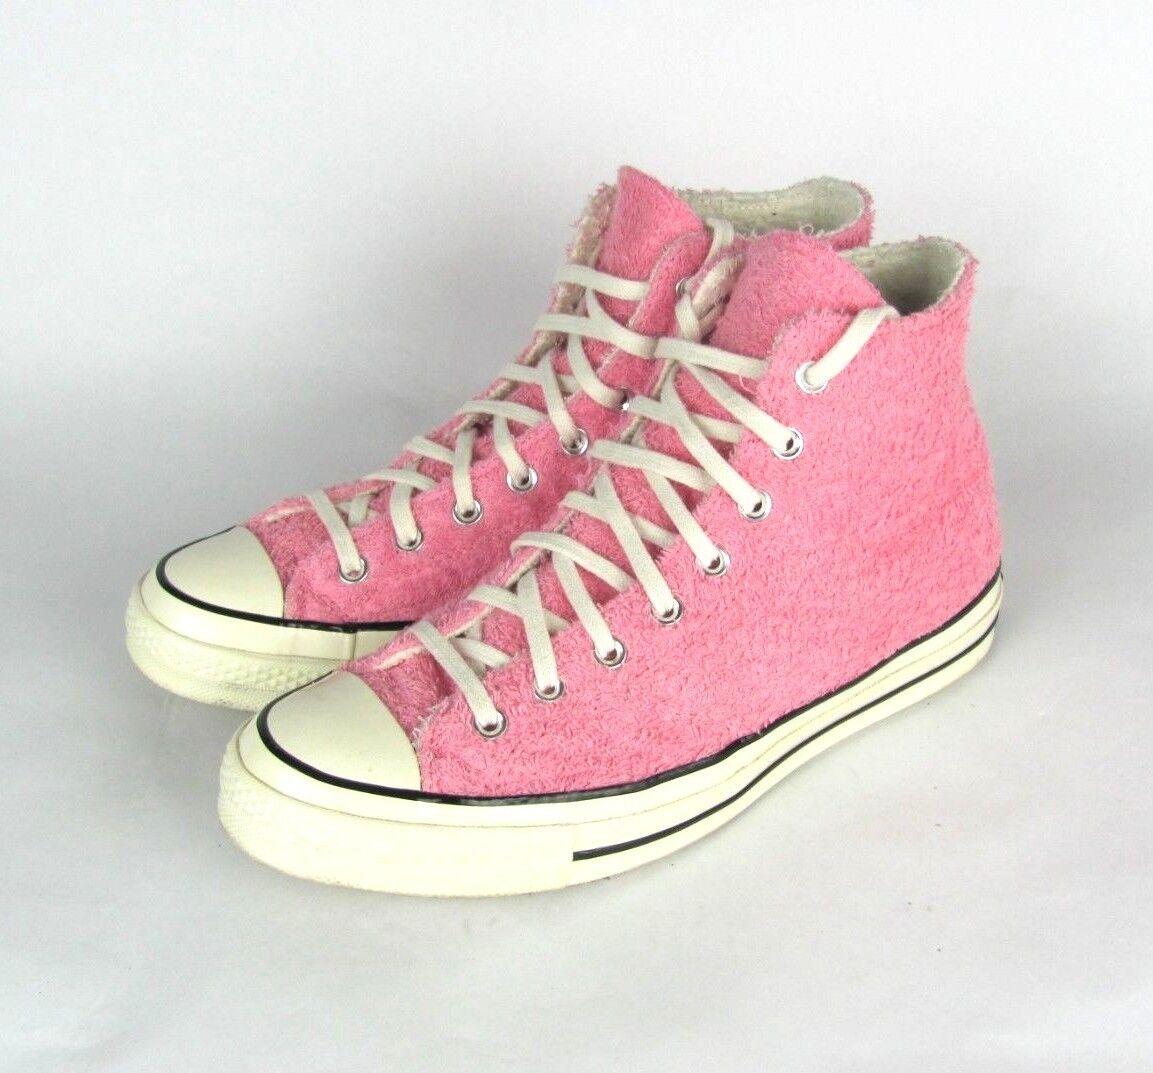 Converse Chuck Taylor Para Mujer 12 All Star Hi Hi Hi Easter Bunny Zapatos De Felpa rosado  precios mas bajos